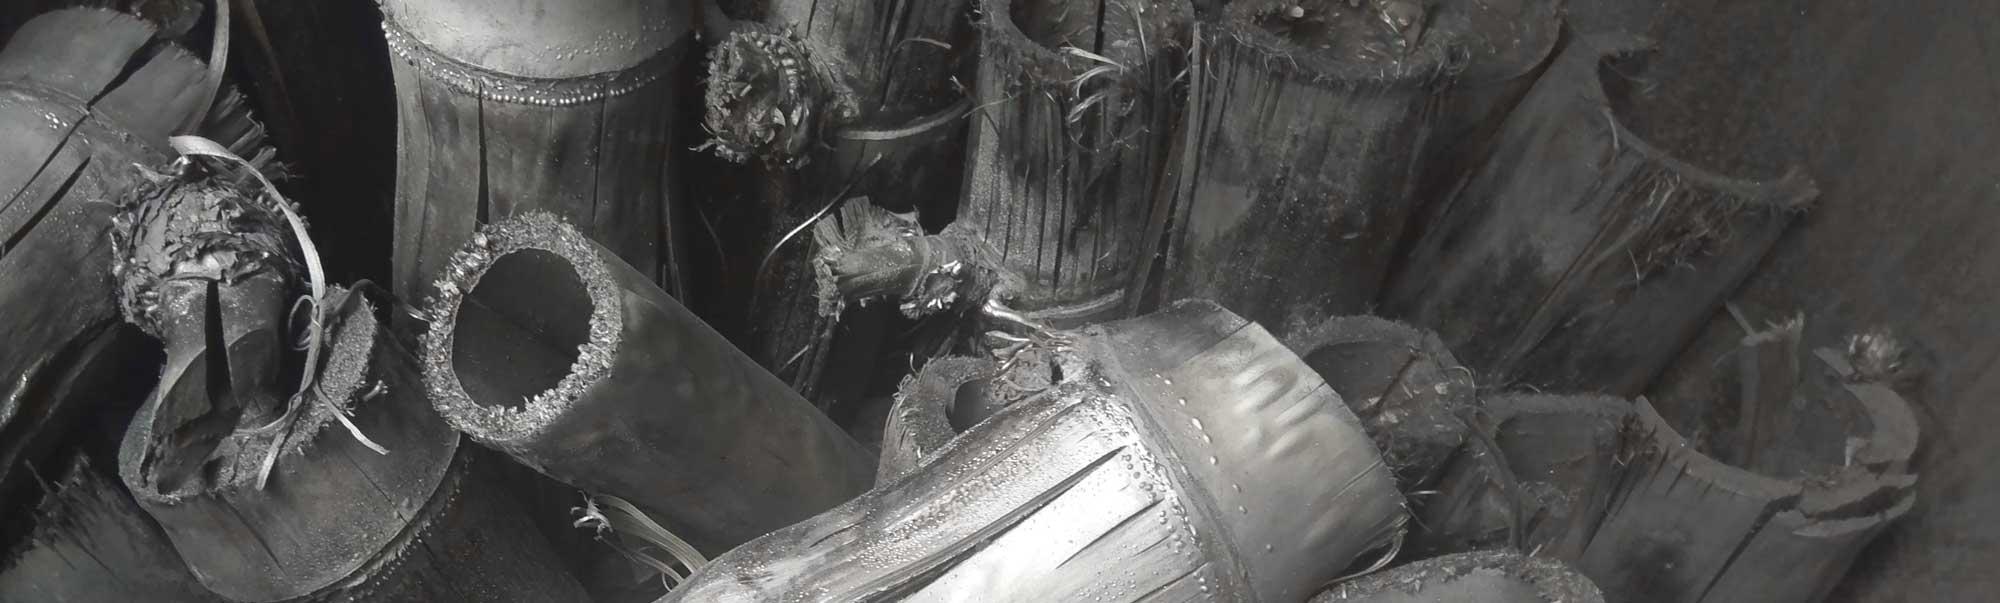 Bamboo charcoal production at Daruma